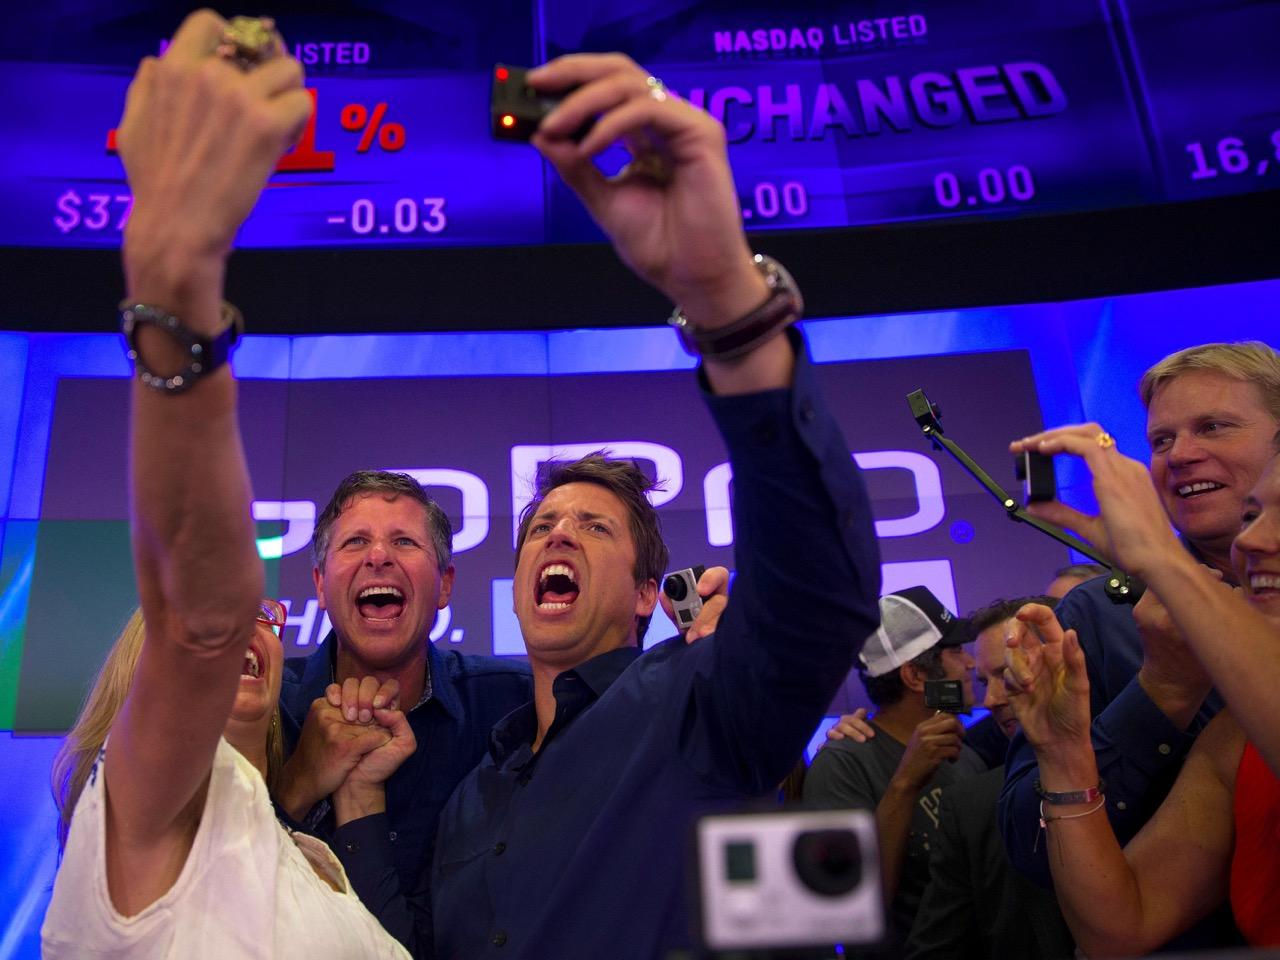 Старейший дизайнер компании покинул ряды Apple, чтобы продолжить карьеру в GoPro